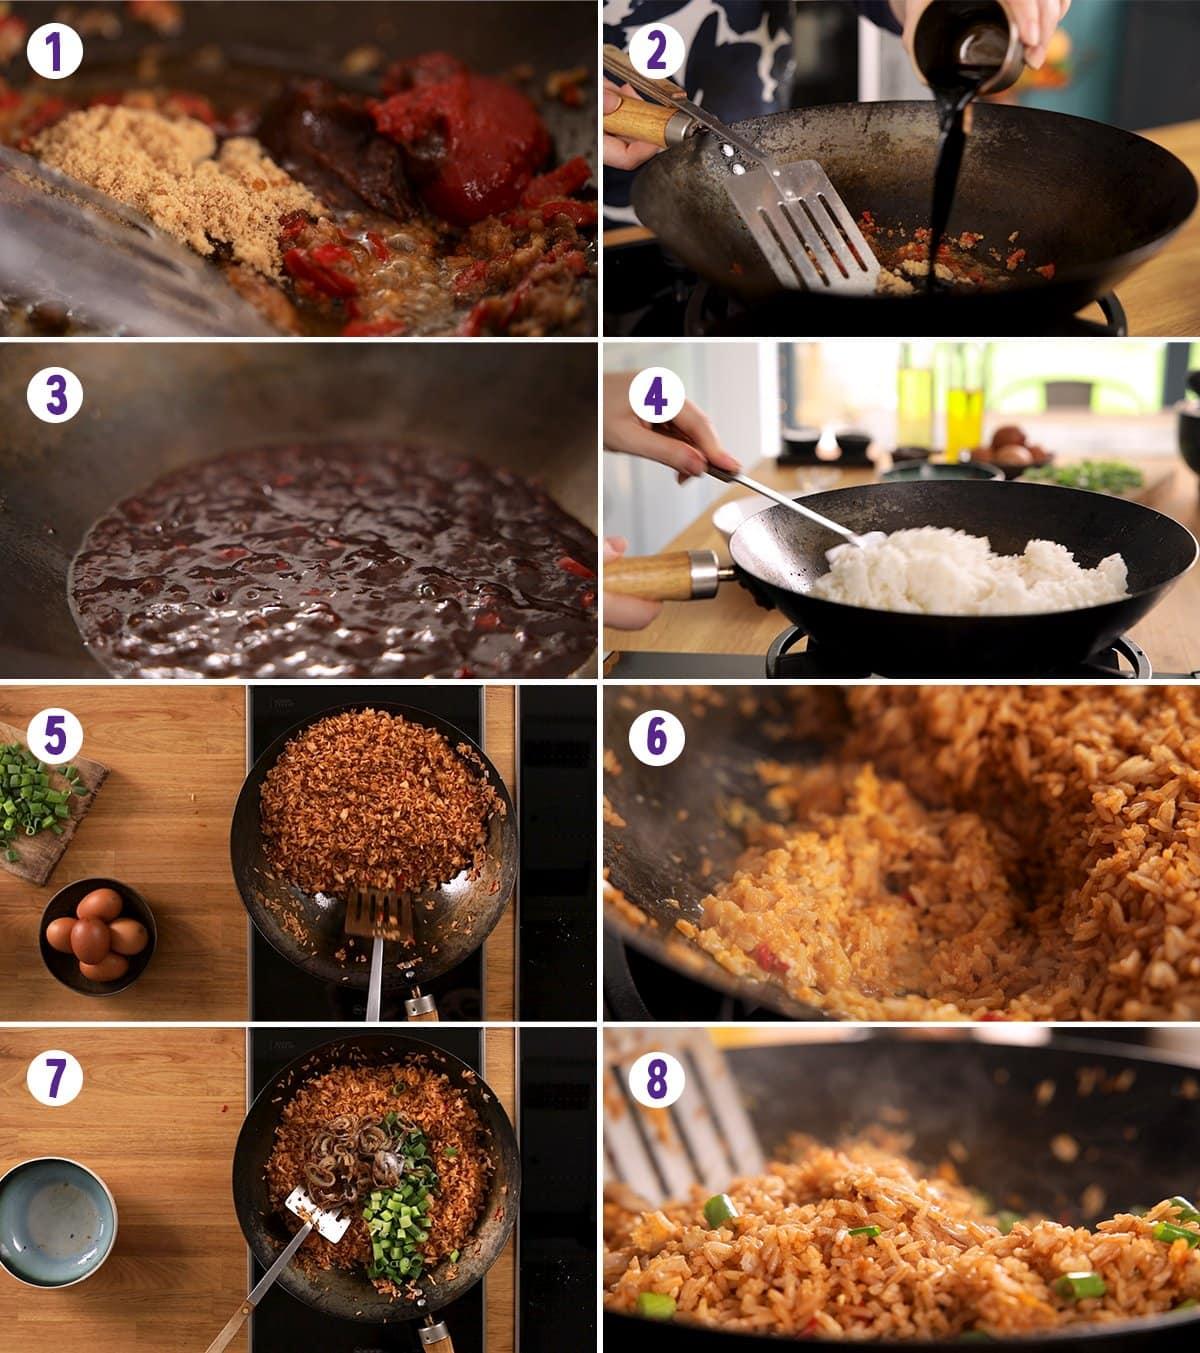 8 image collage showing how to make nasi goreng